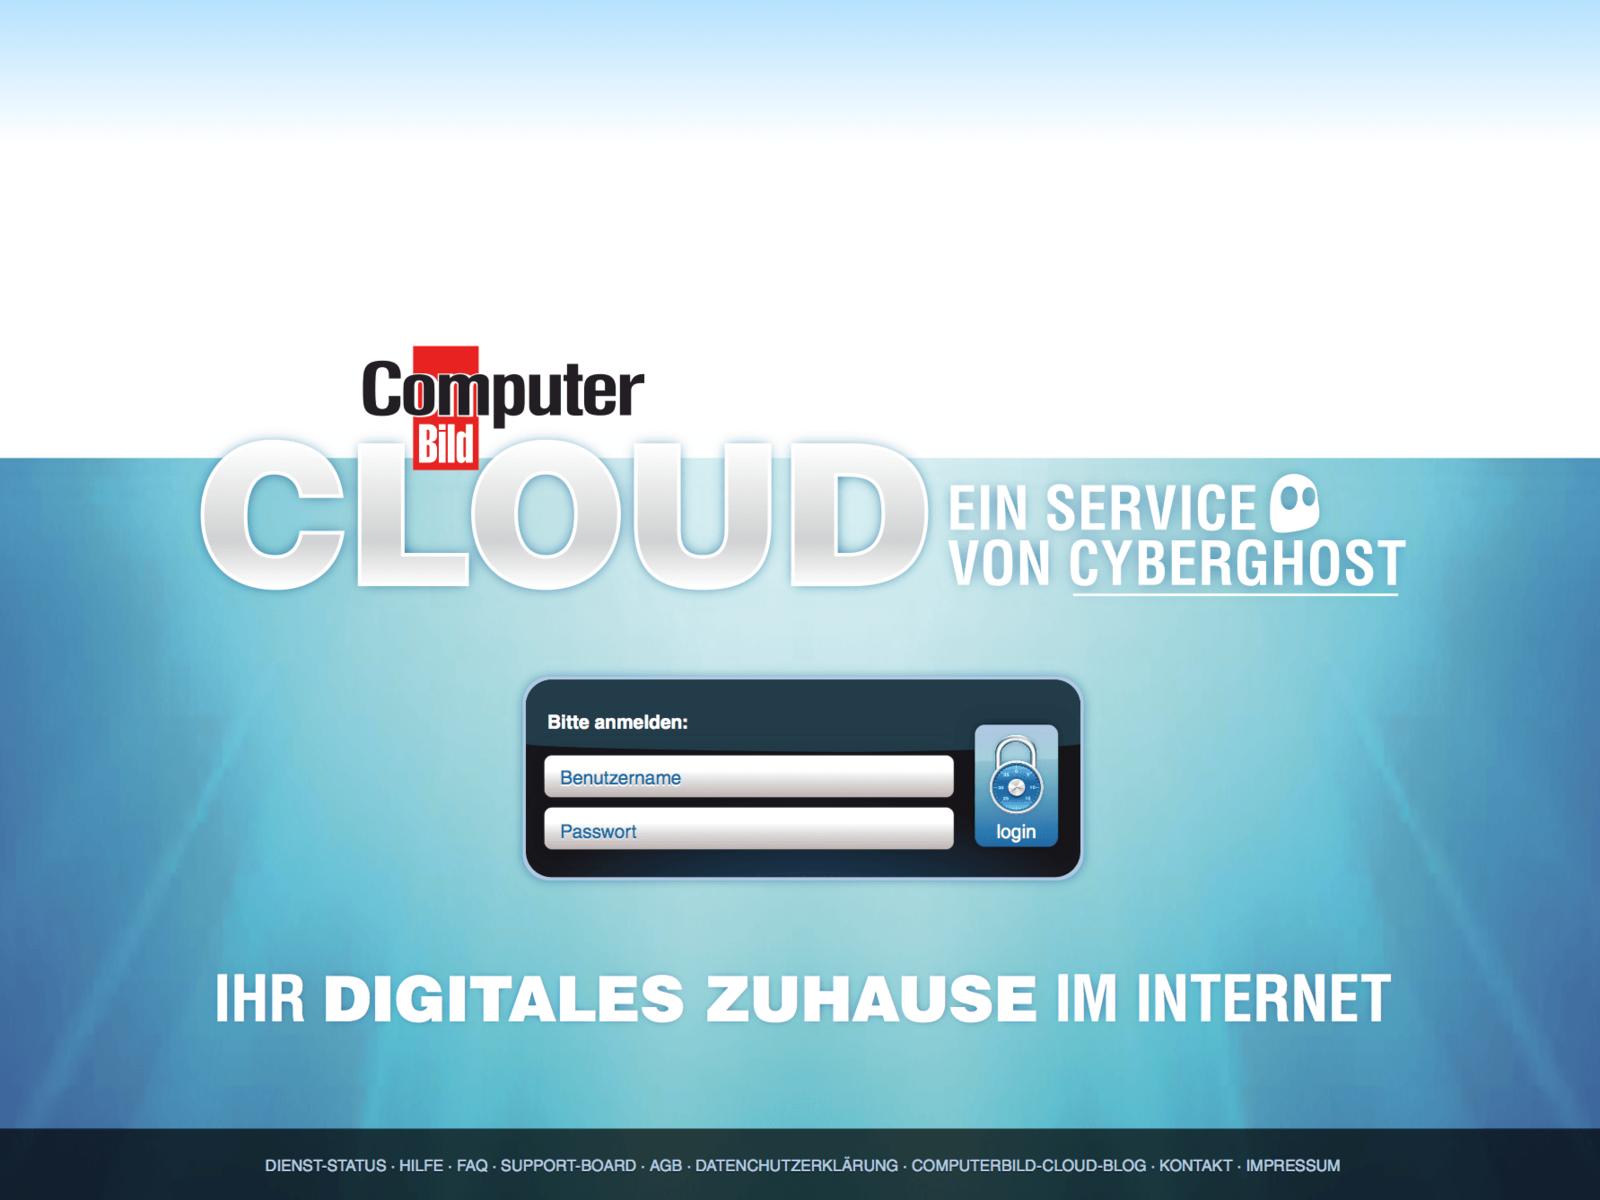 GUI und Web Design für die Computer BILD Cloud BETA